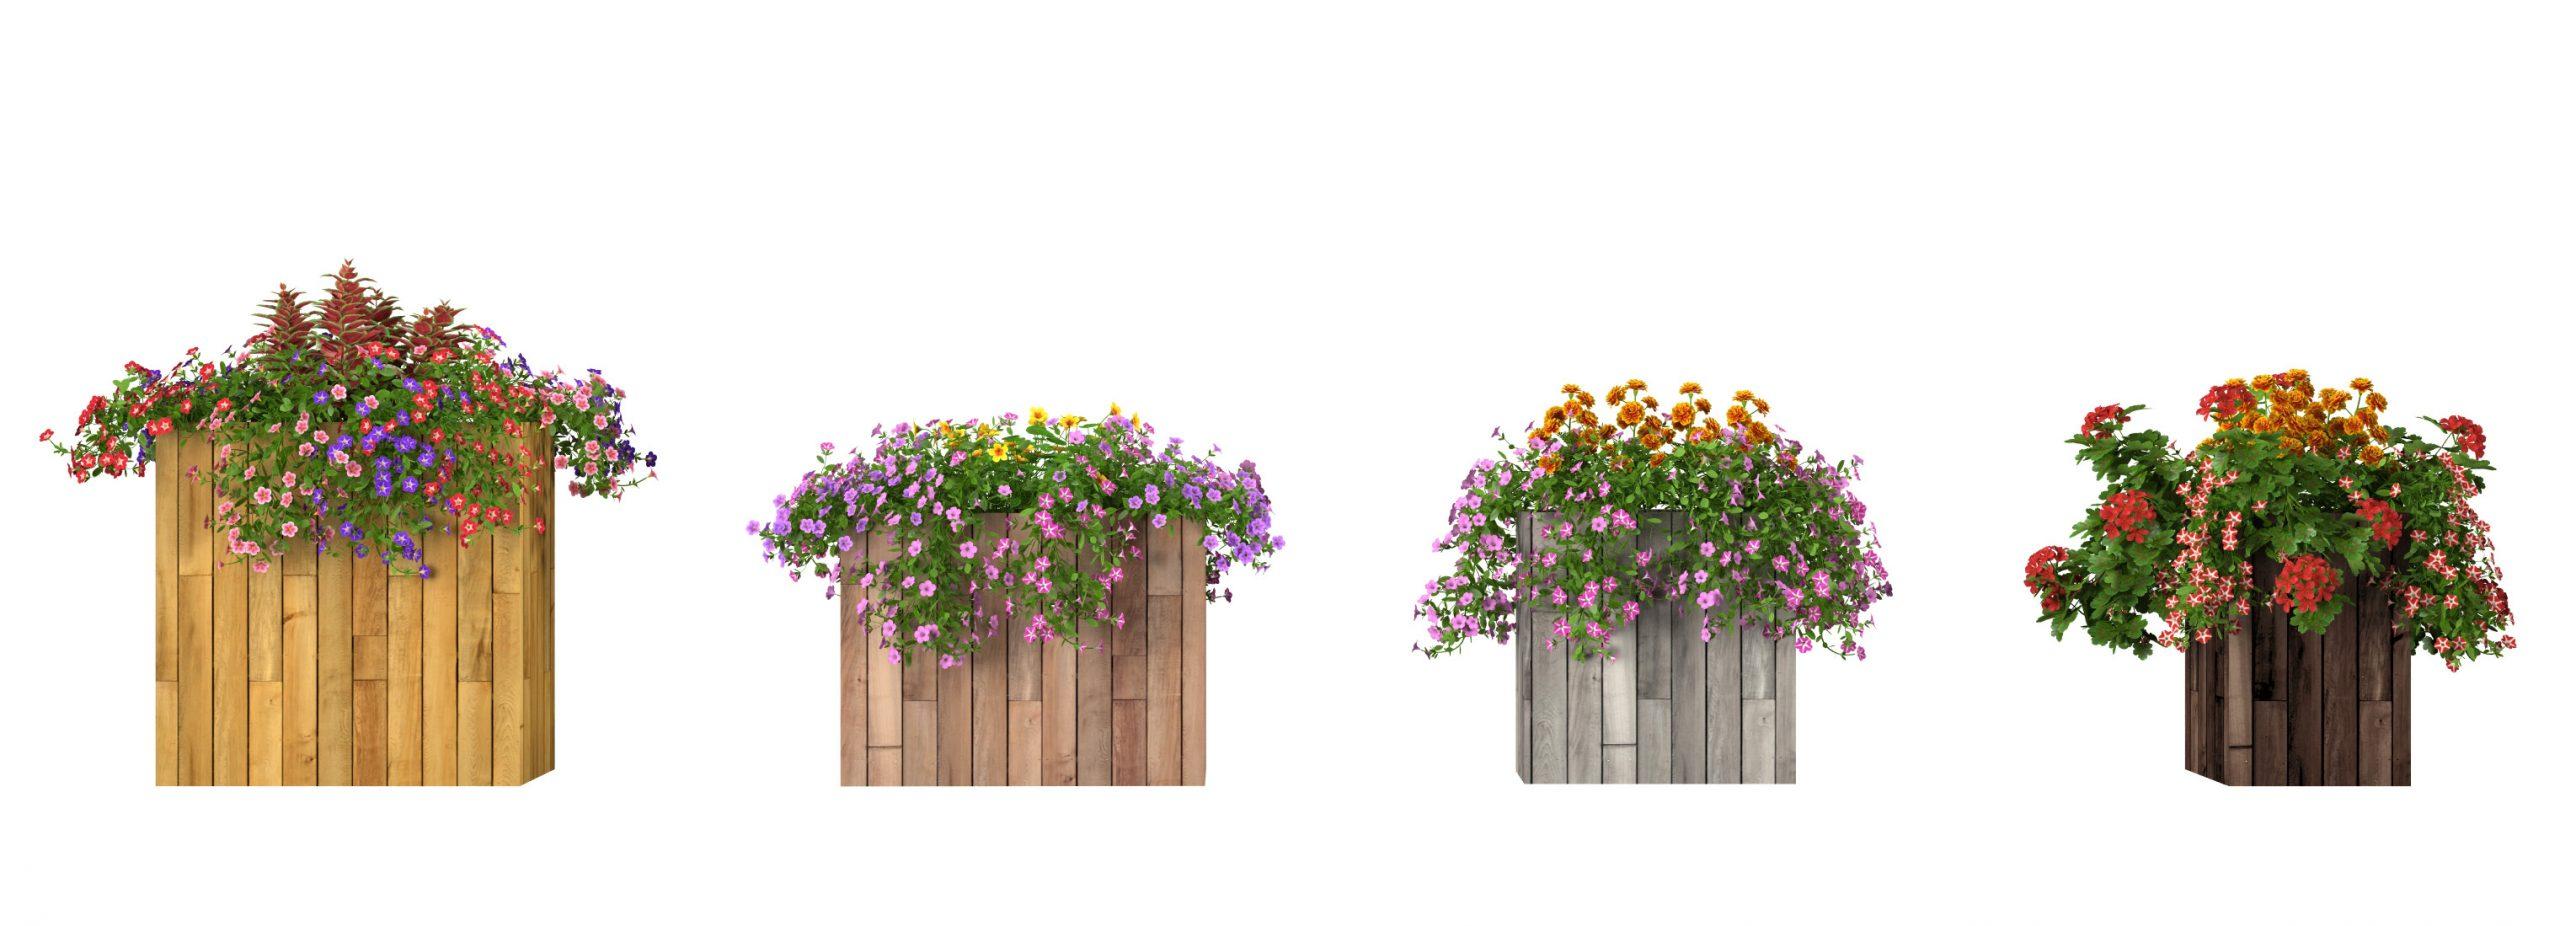 RANDOM MODELS – PRO MODELS 331 – FLOWER MODELS